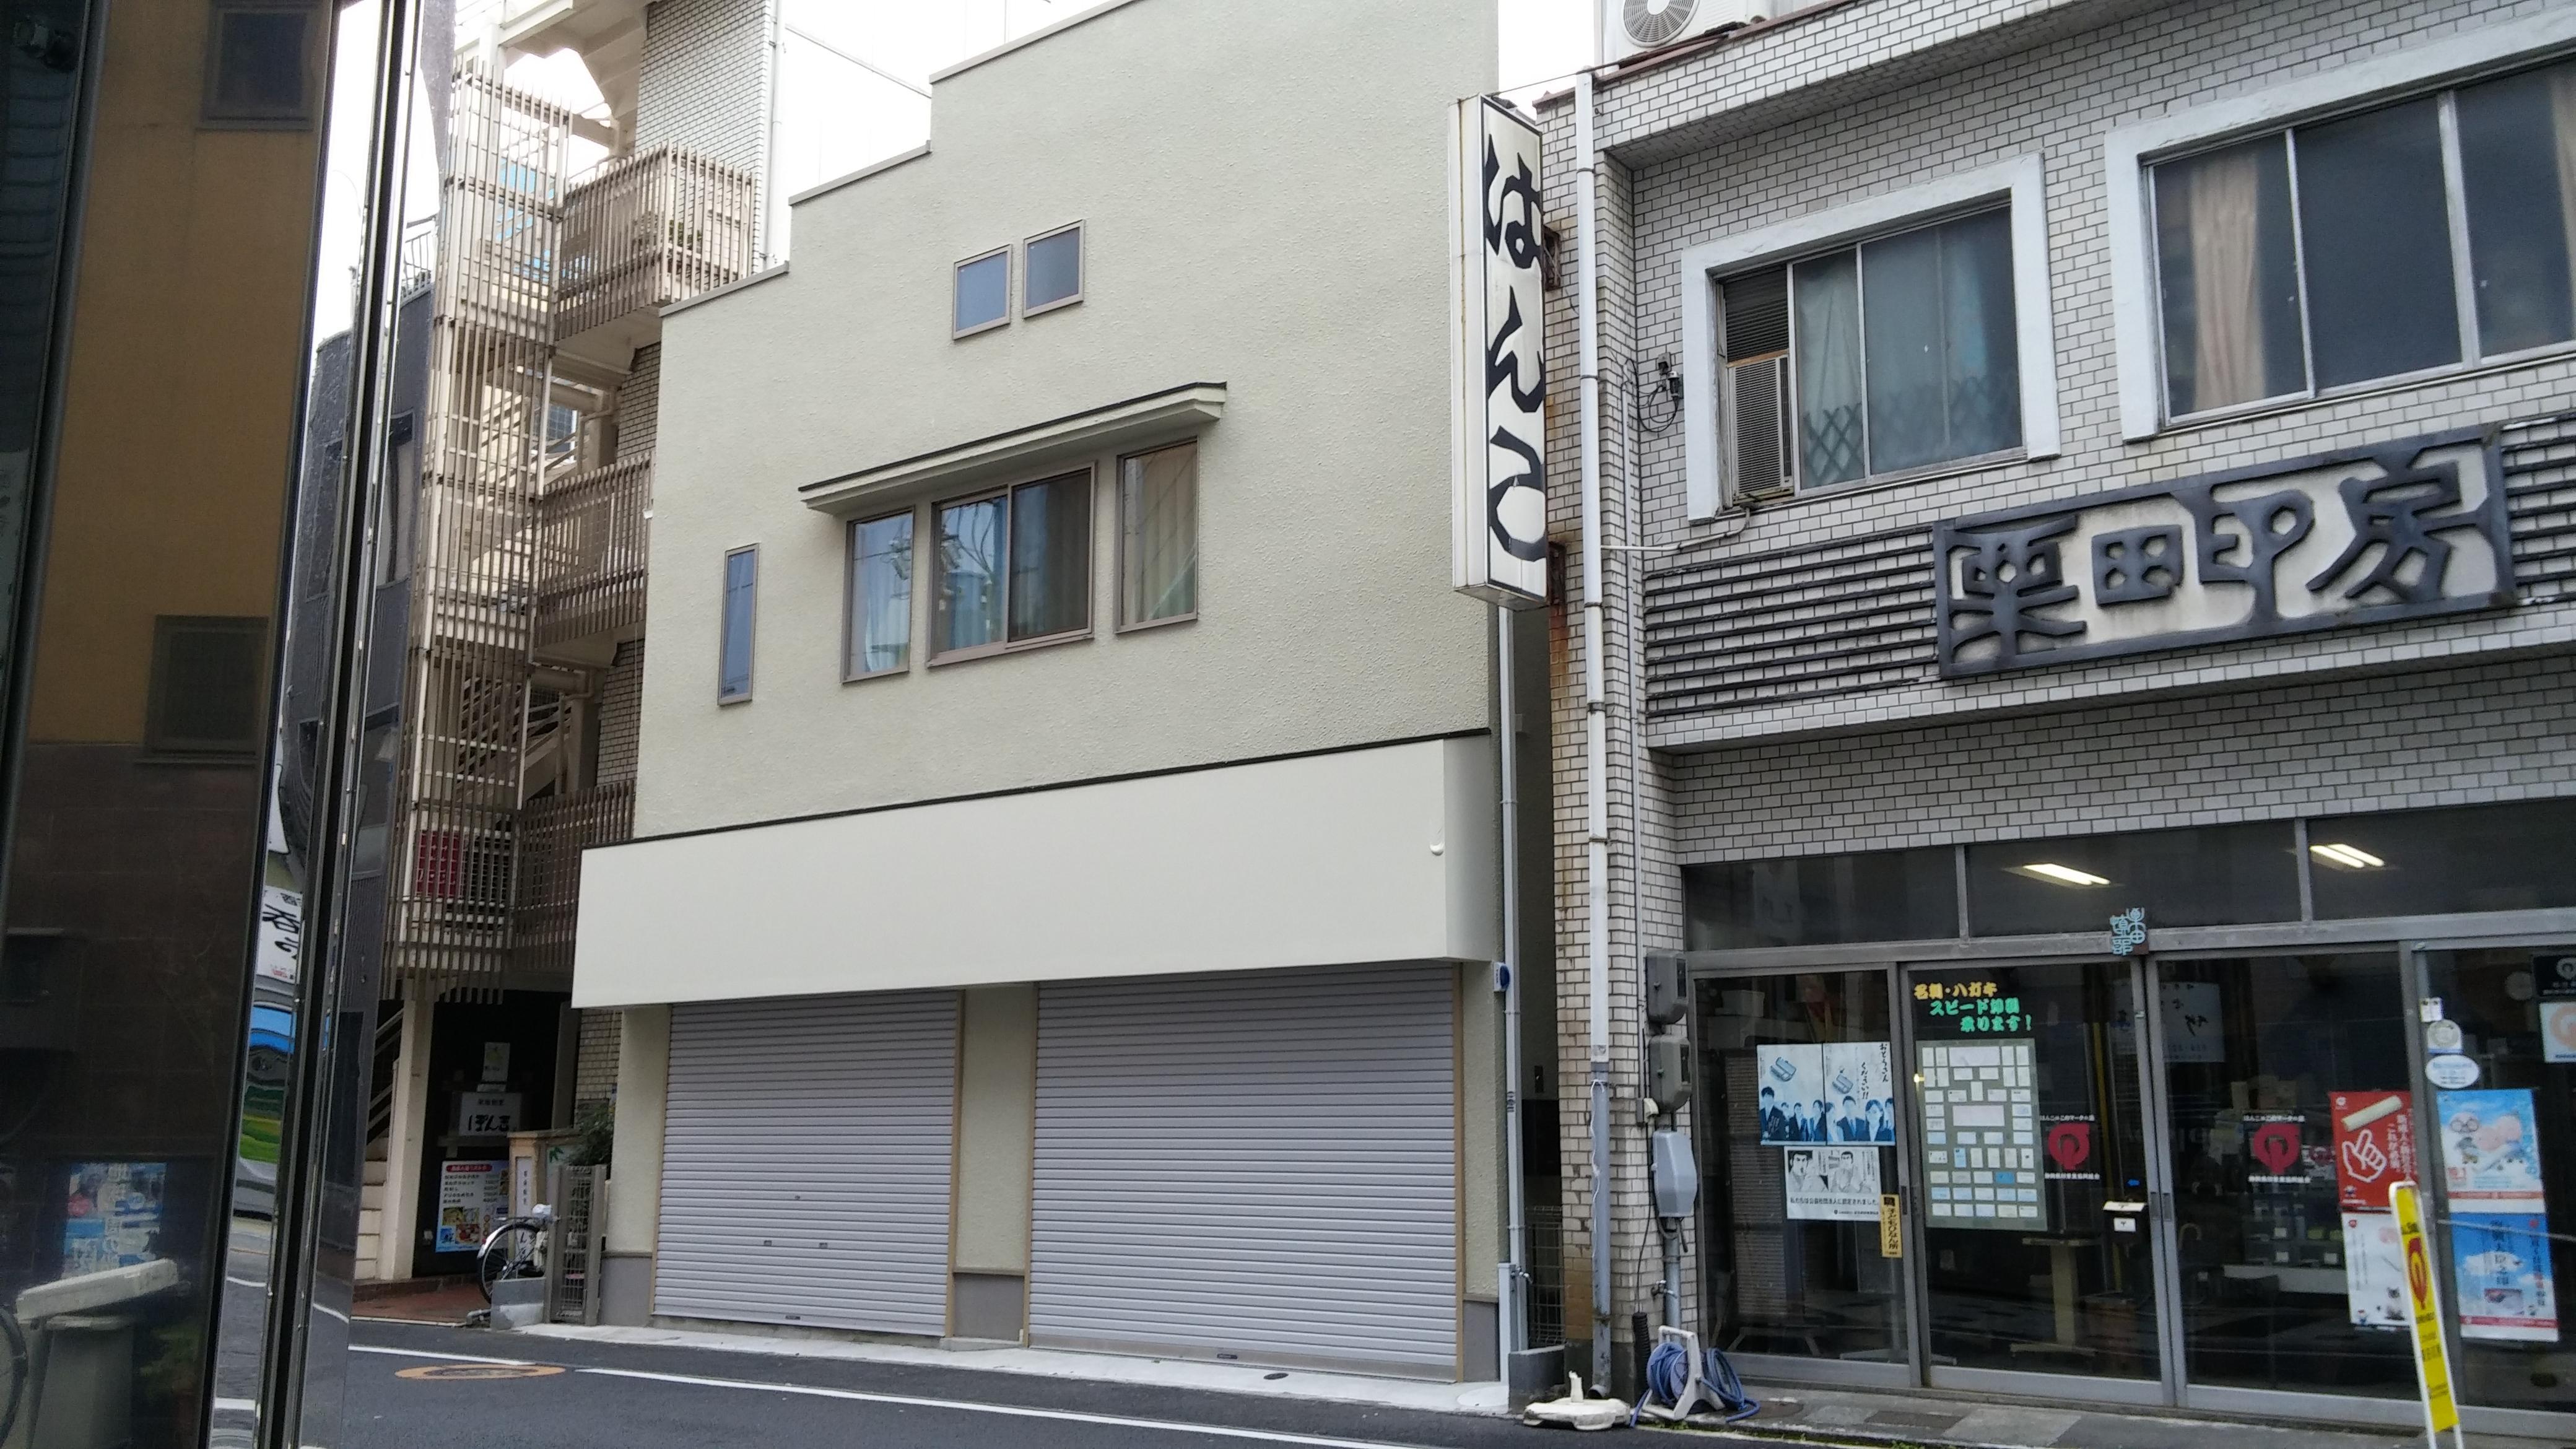 1601鈴木康平様店舗併用住宅 葵区石神.jpg